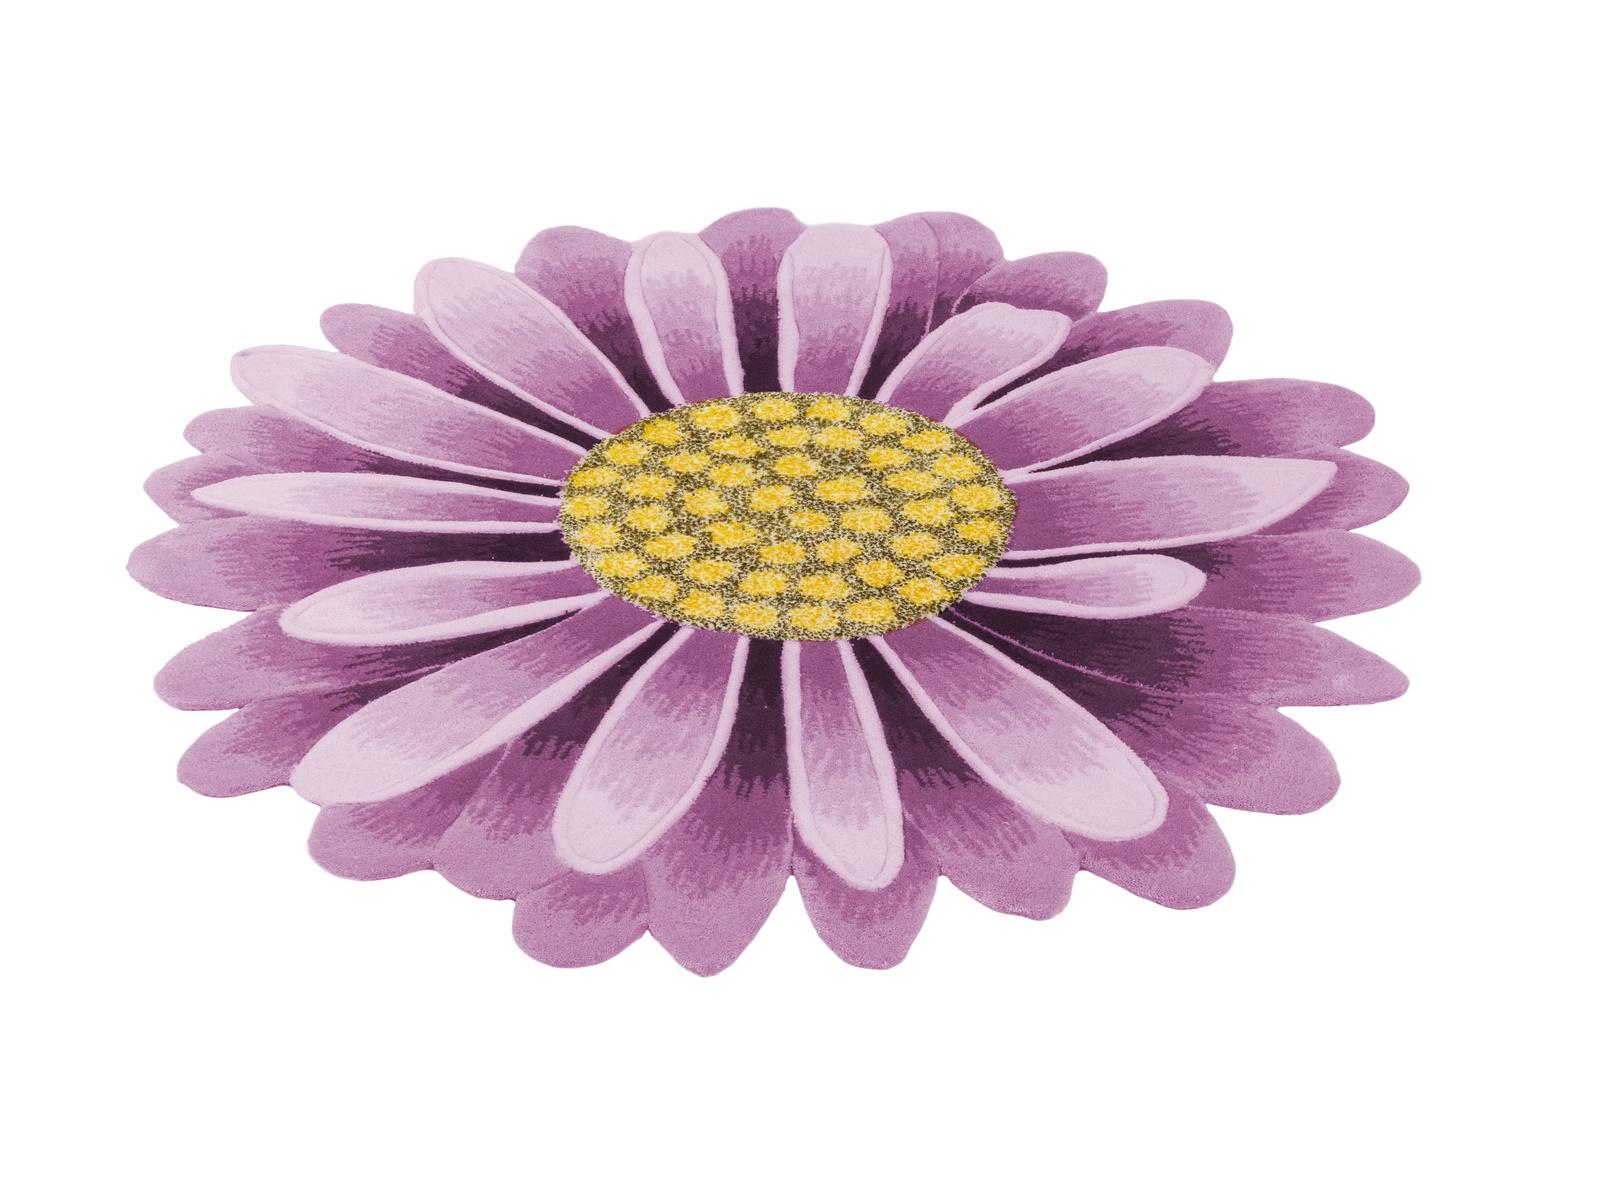 Ковер MADONNA 1,2х1,8/круг/8DHS03/розовый/213/, розовый